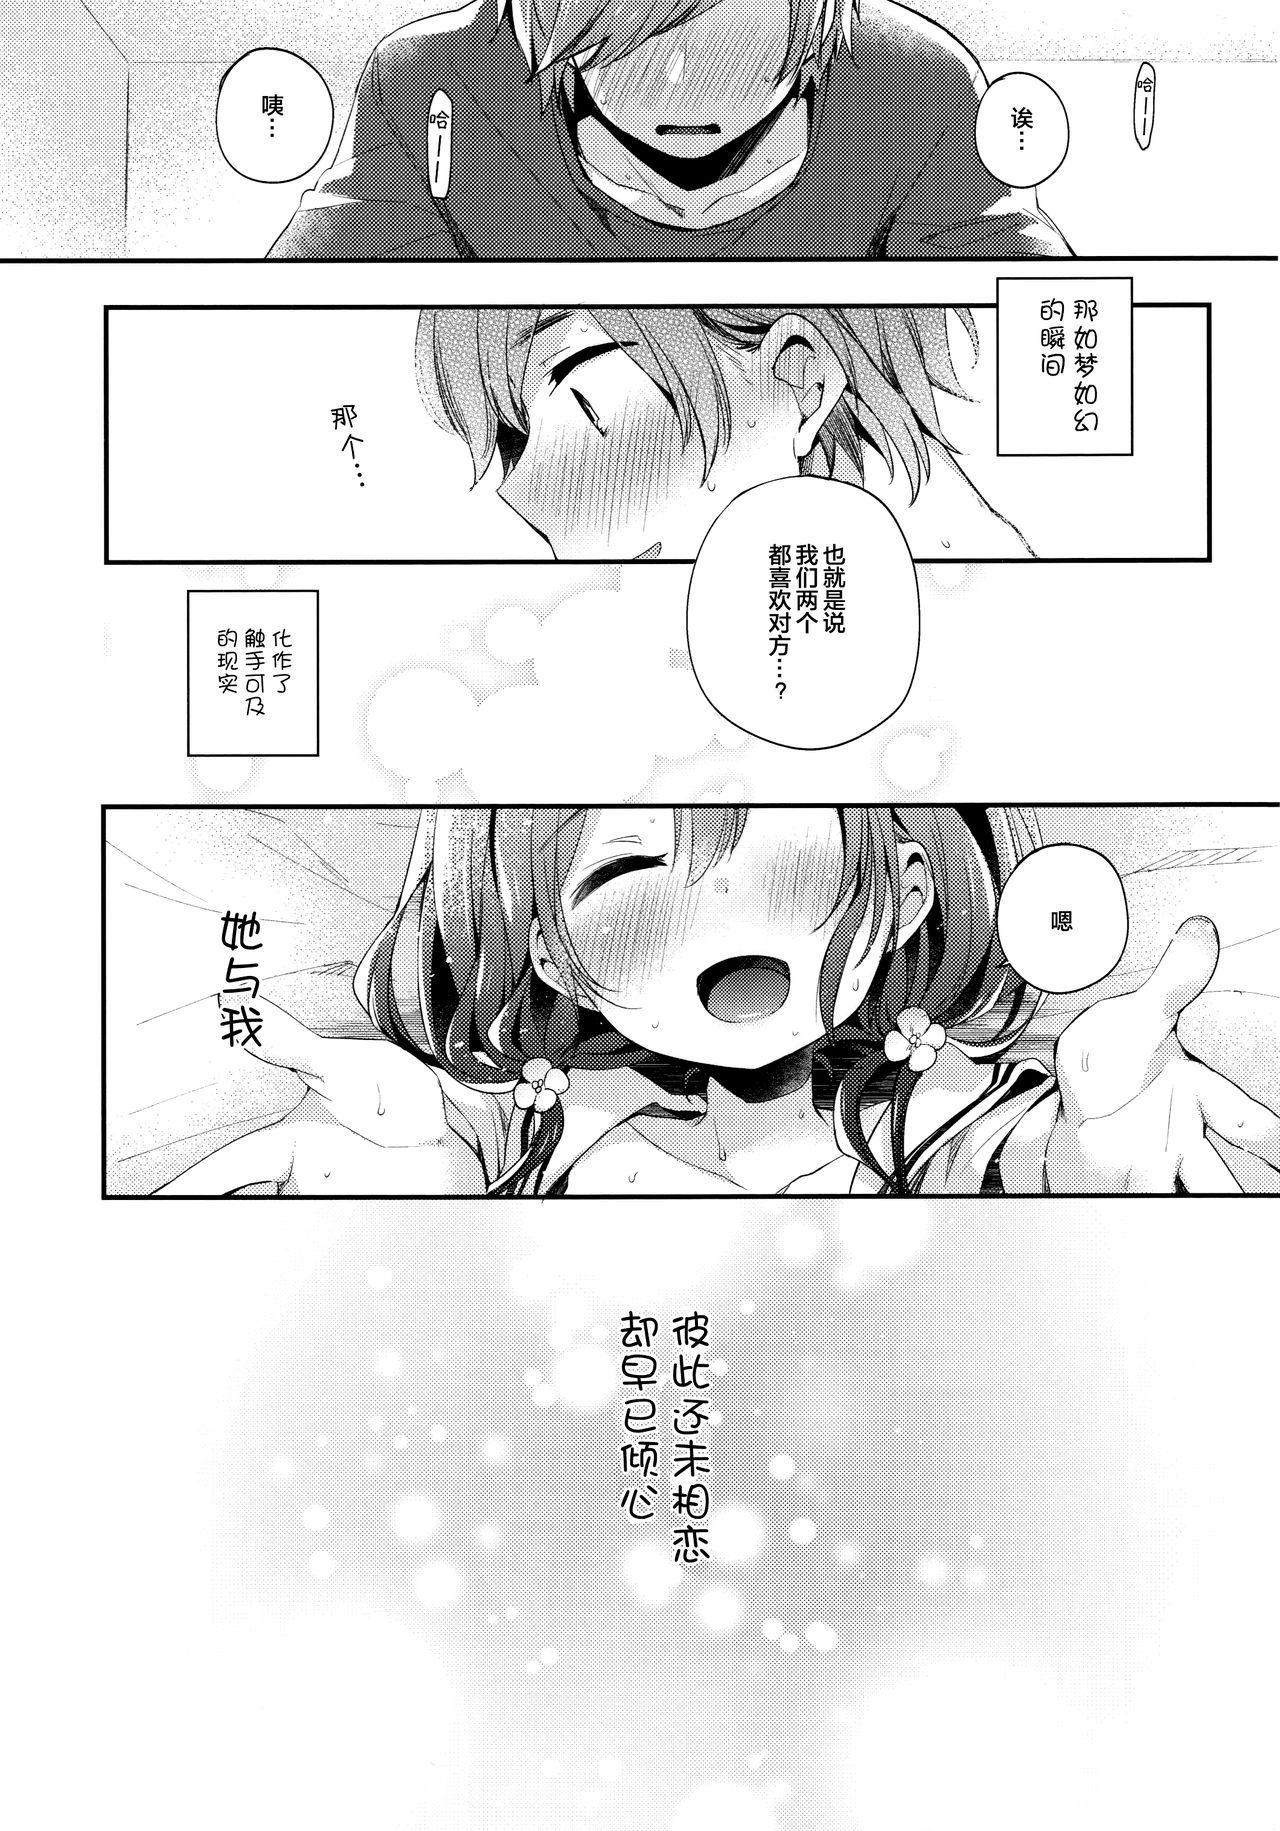 Bokutachi wa, Koi o Shitenai 23